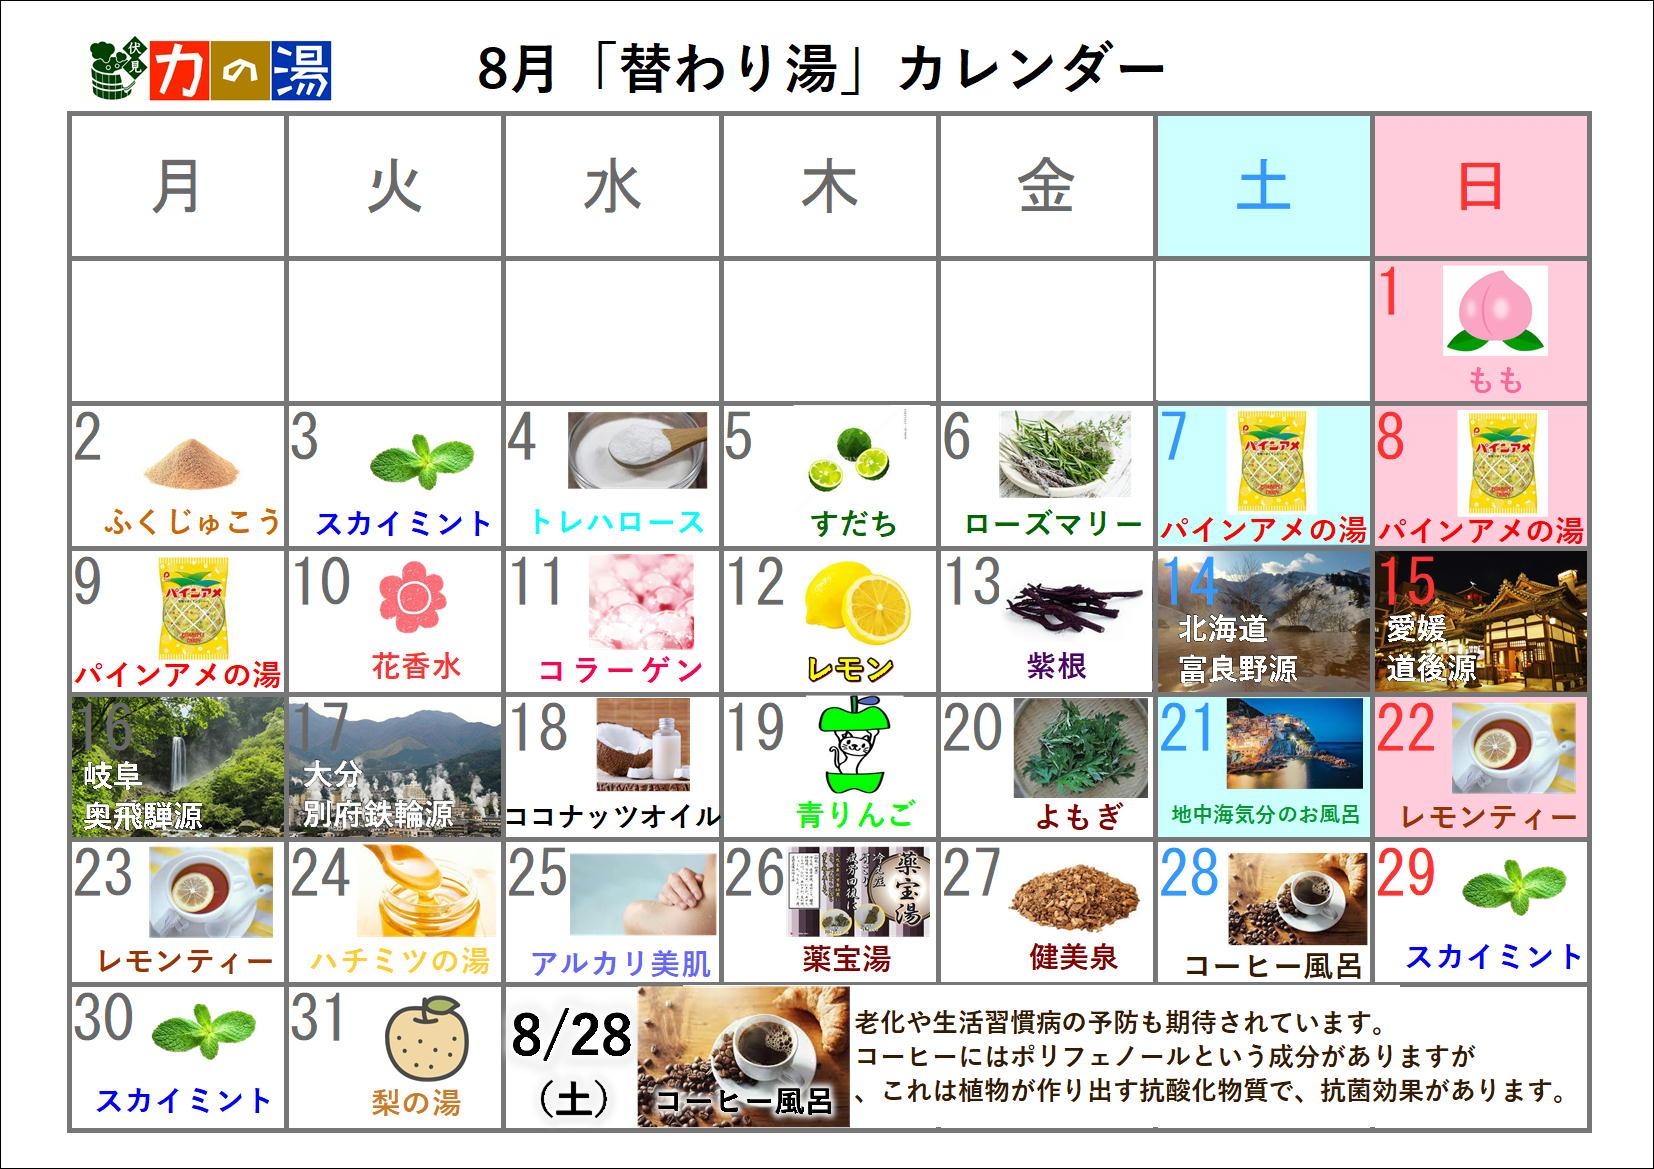 8月の日替わりカレンダー